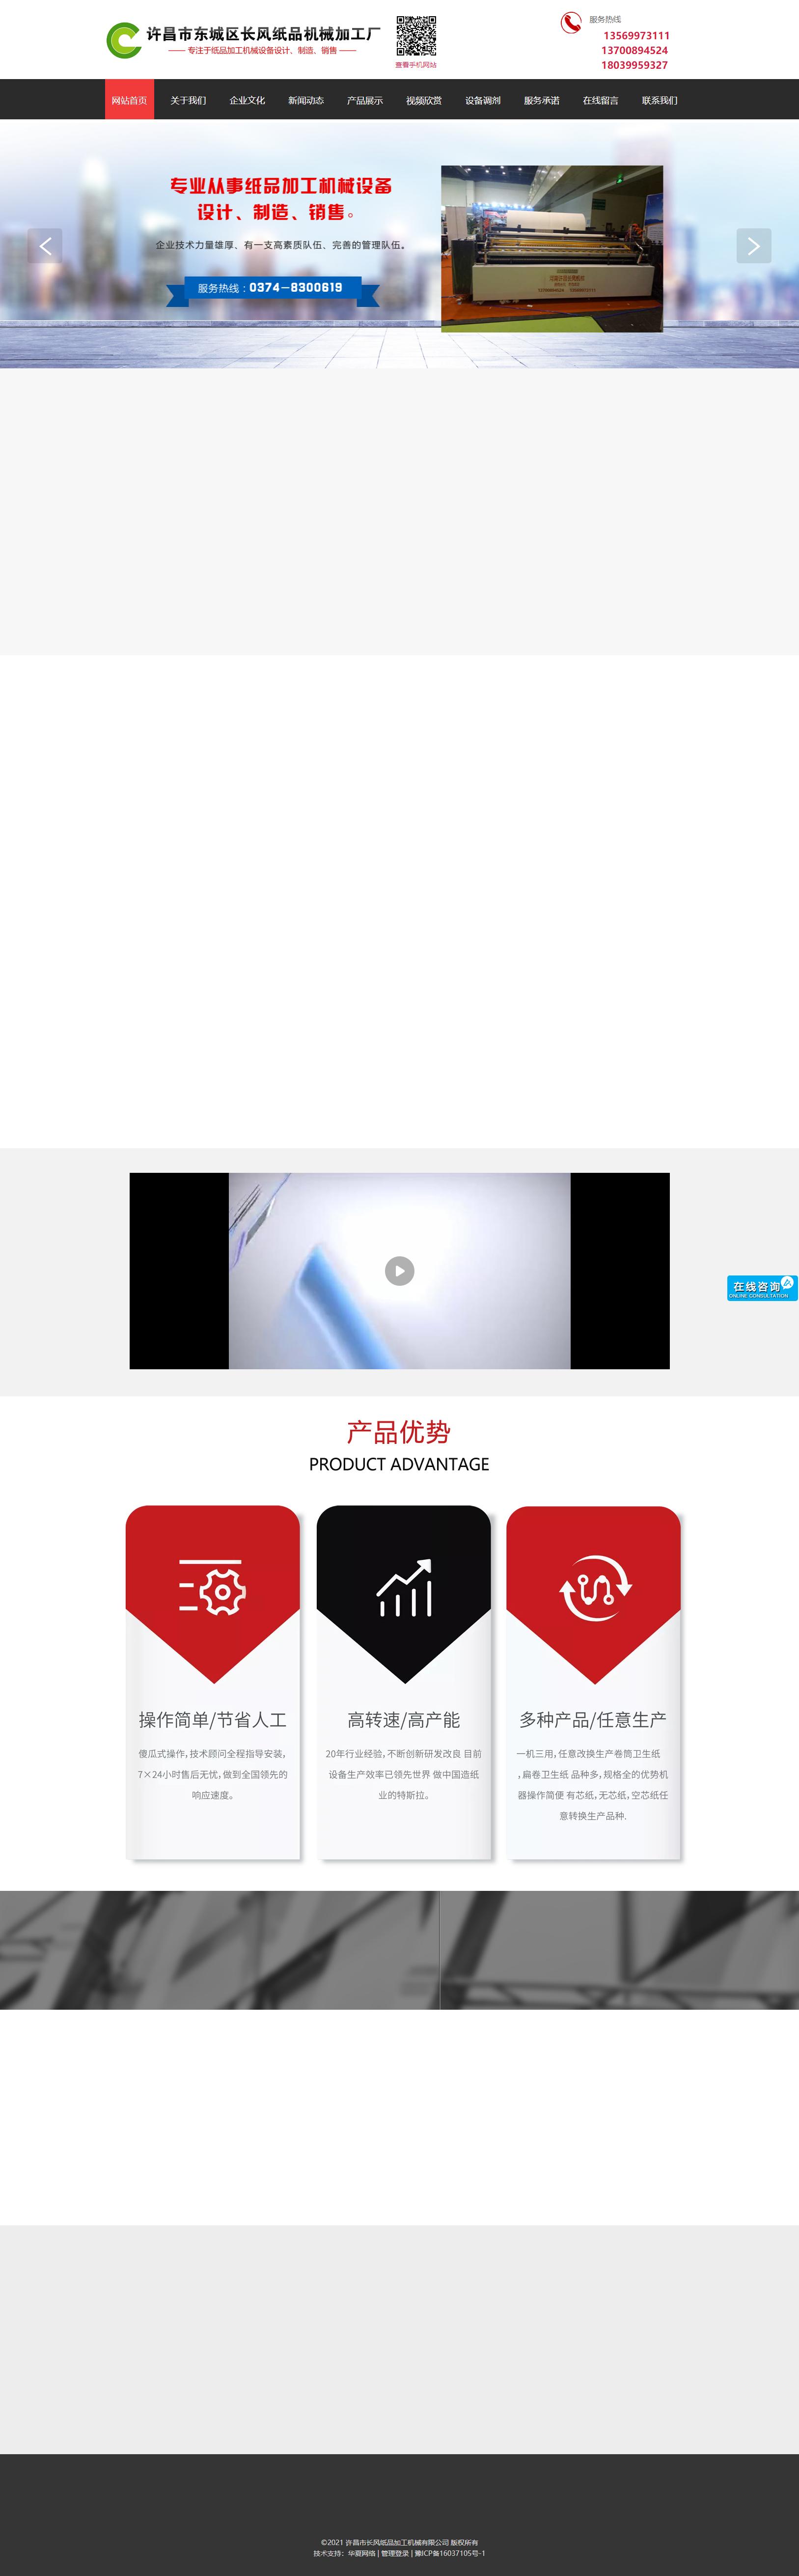 许昌市东城区长风纸品机械销售中心网站案例